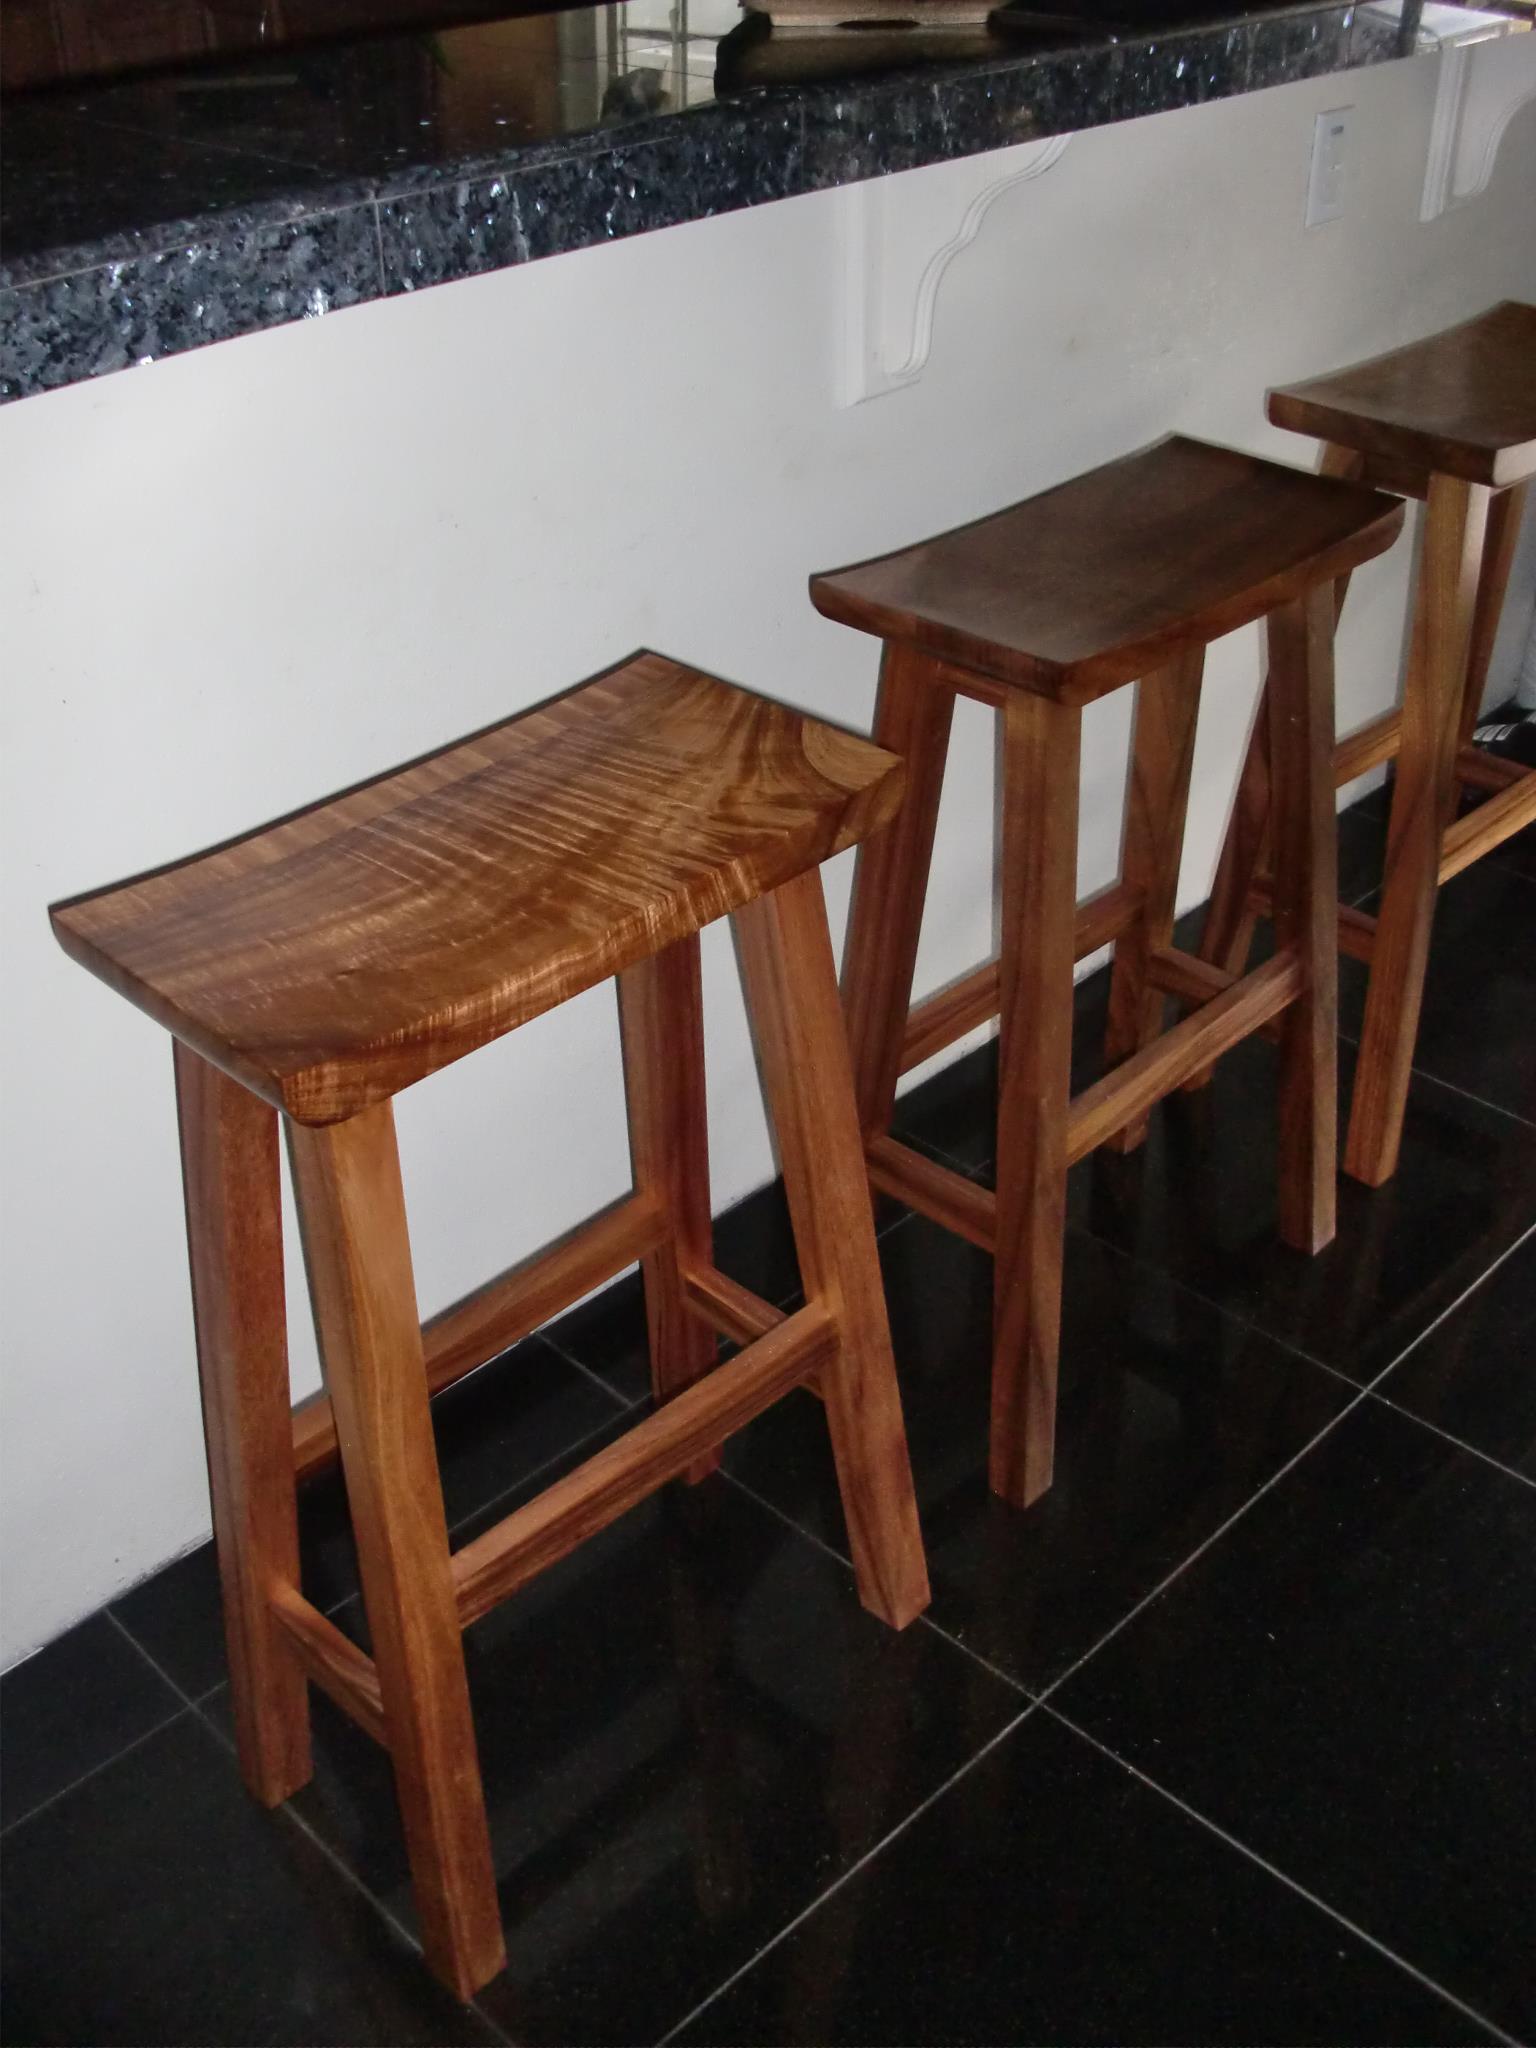 Koa bar stools